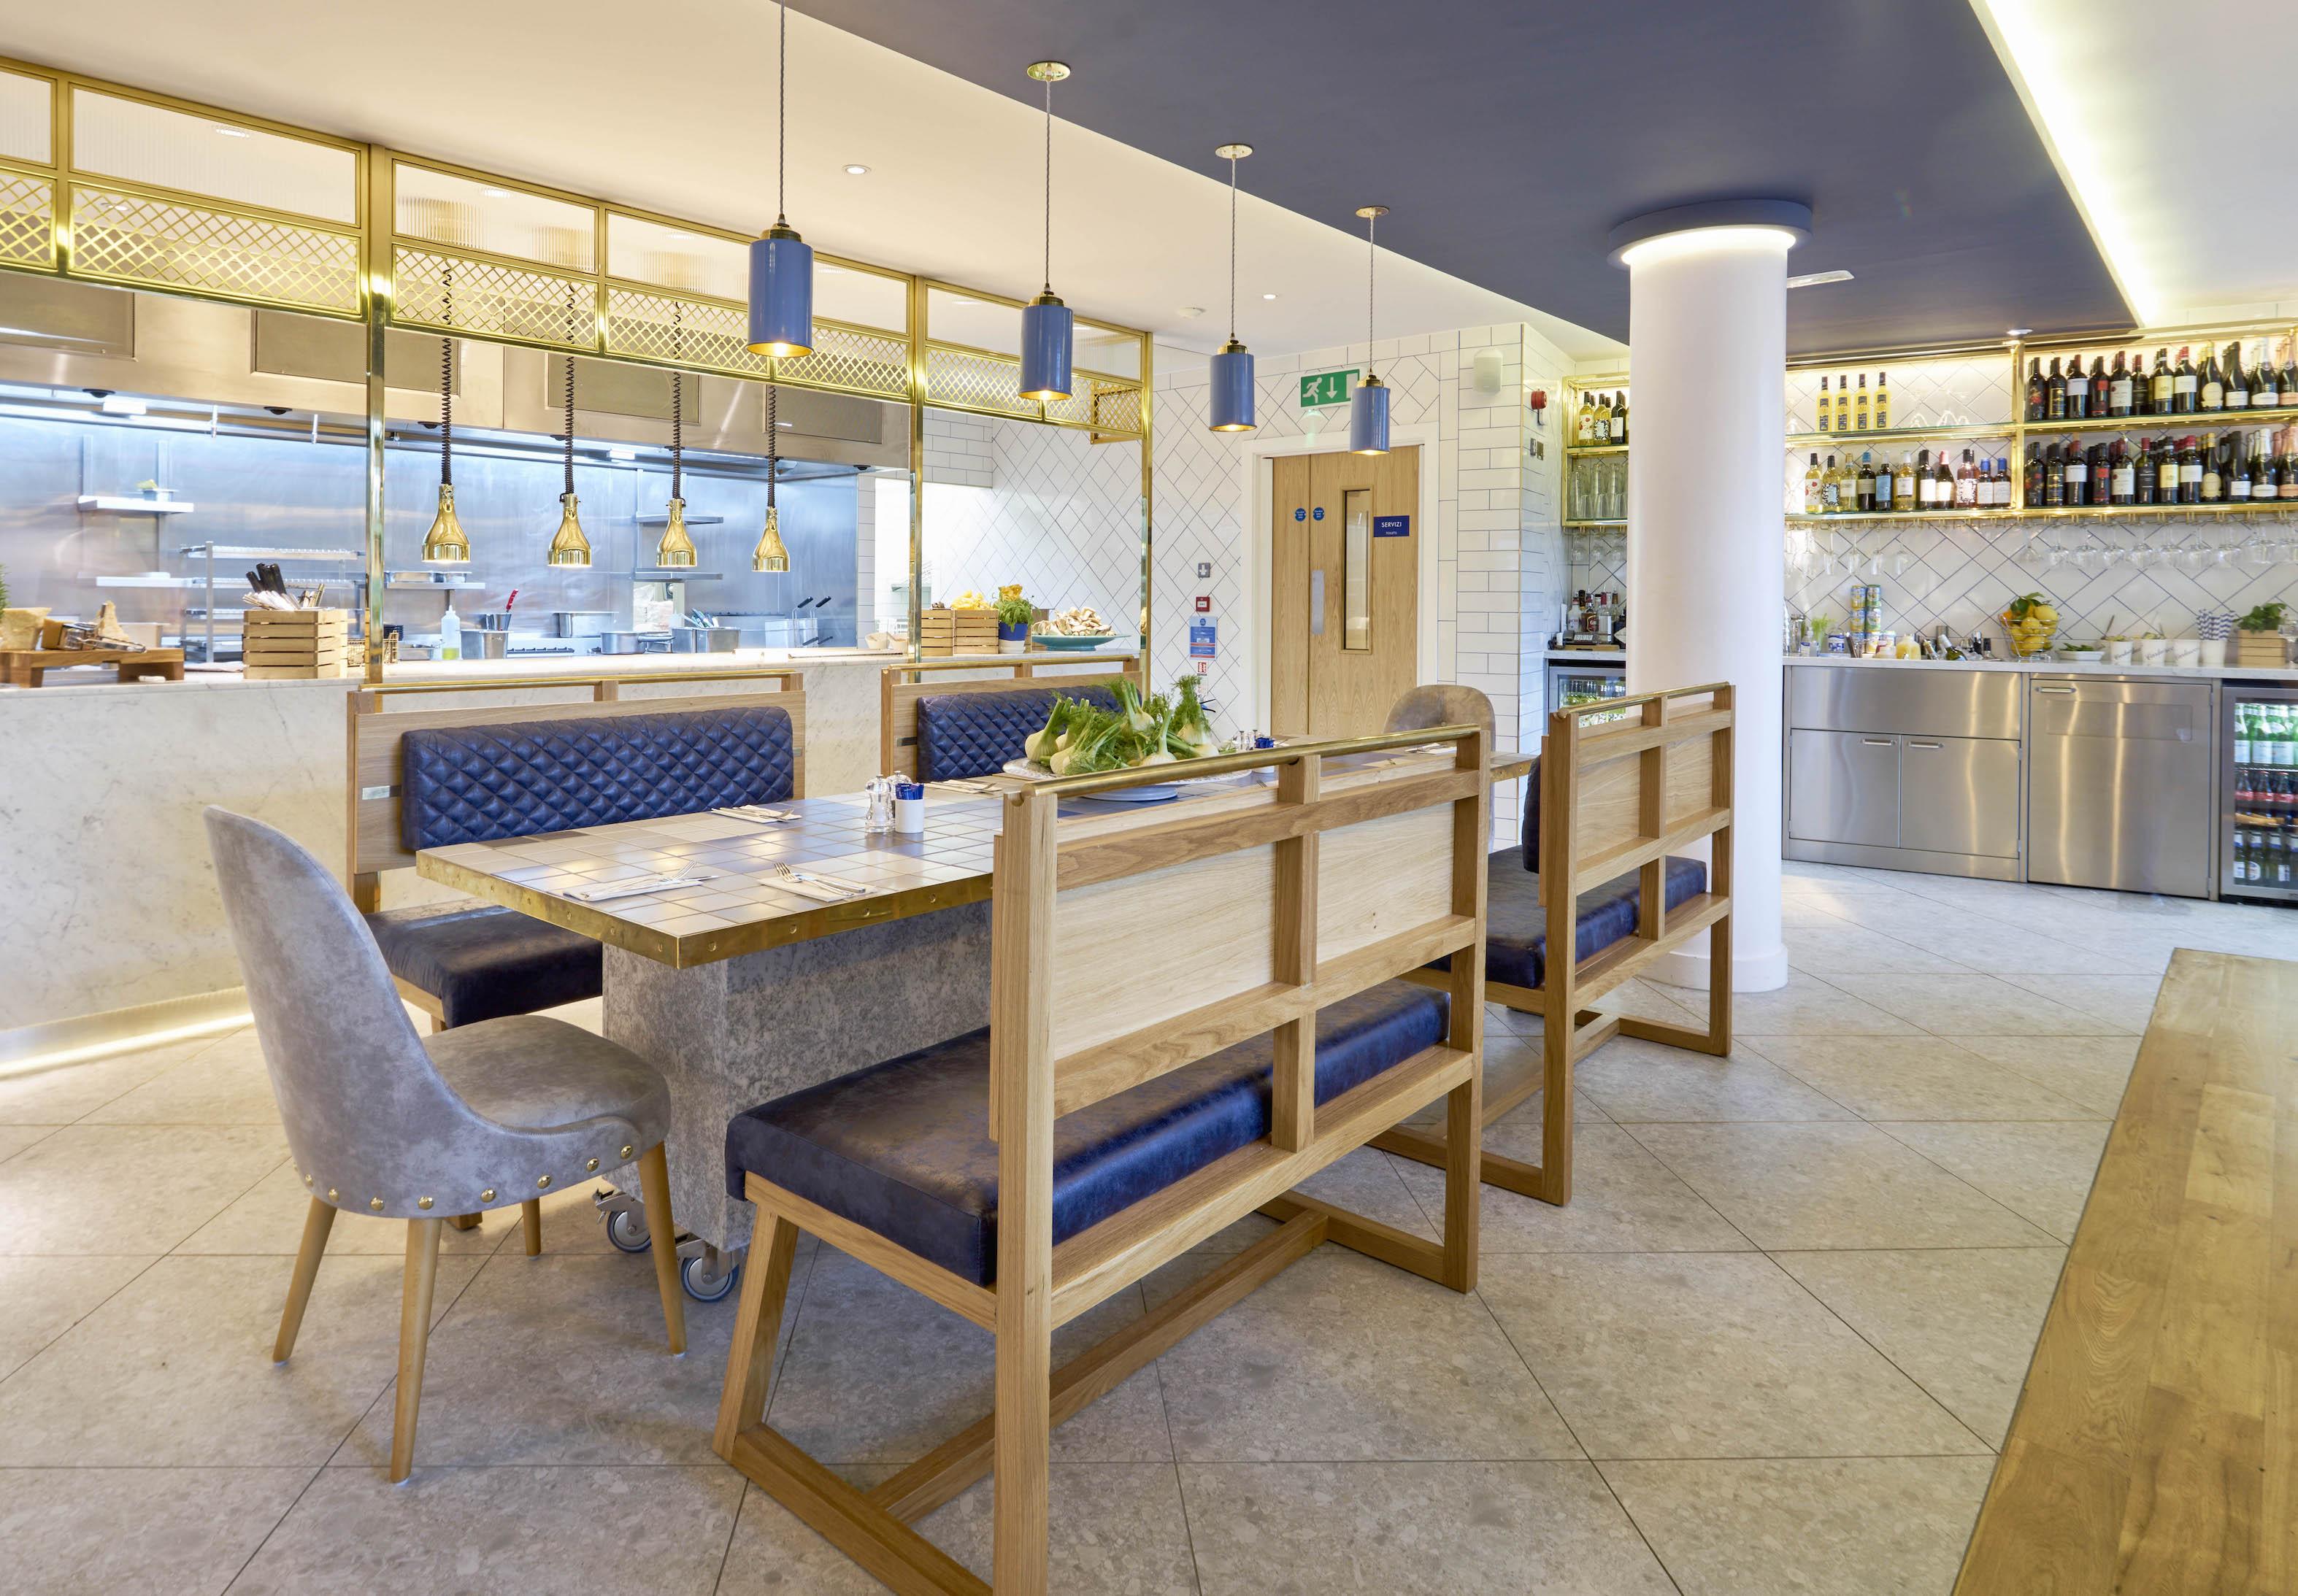 Carluccio s interiors concept by fusion design